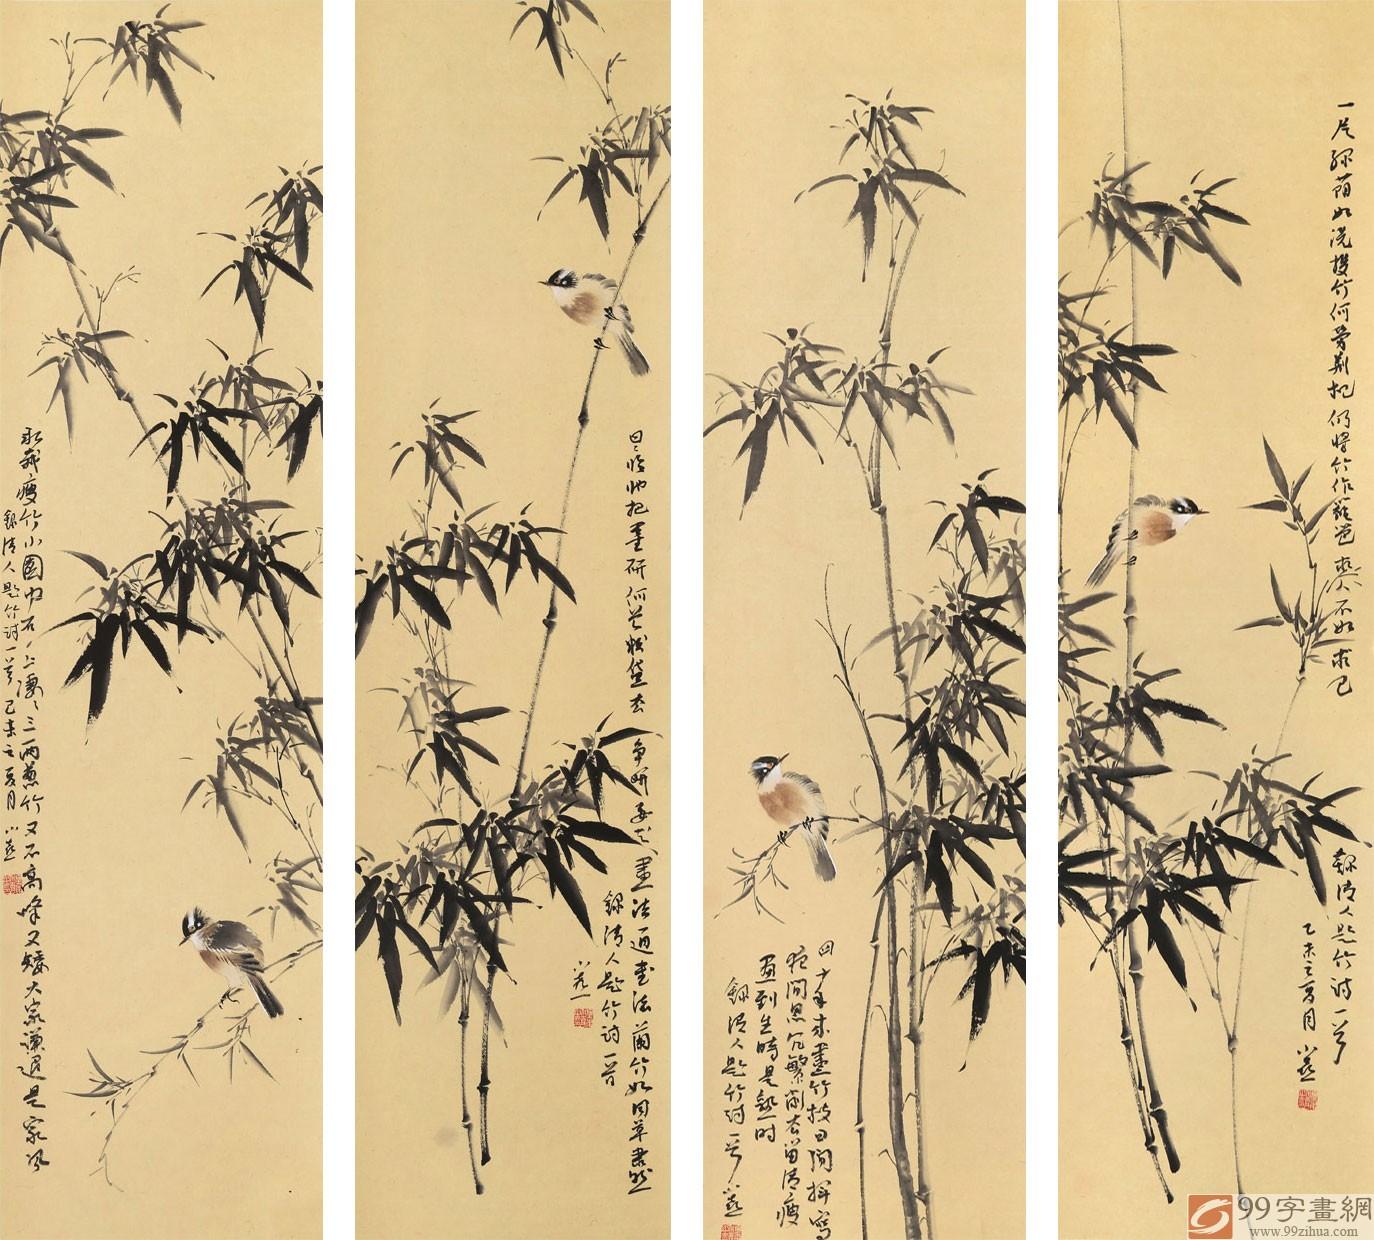 【已售】皇甫小喜 四条屏《竹间鸣雀》 河南著名花鸟画家图片